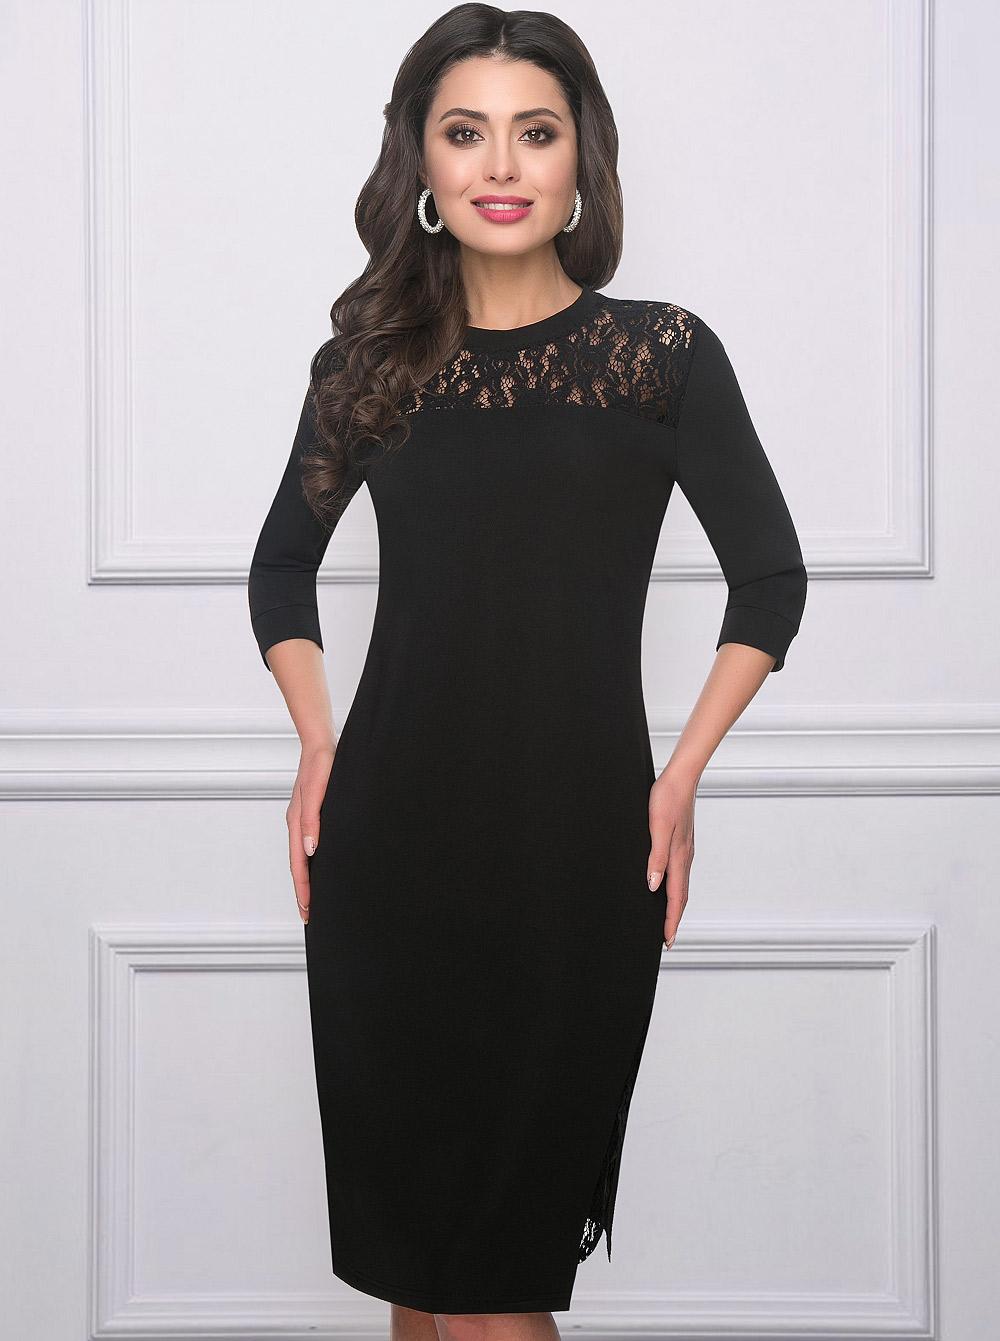 93bbde29202 Купить Платье В стиле Дольче классика Charutti